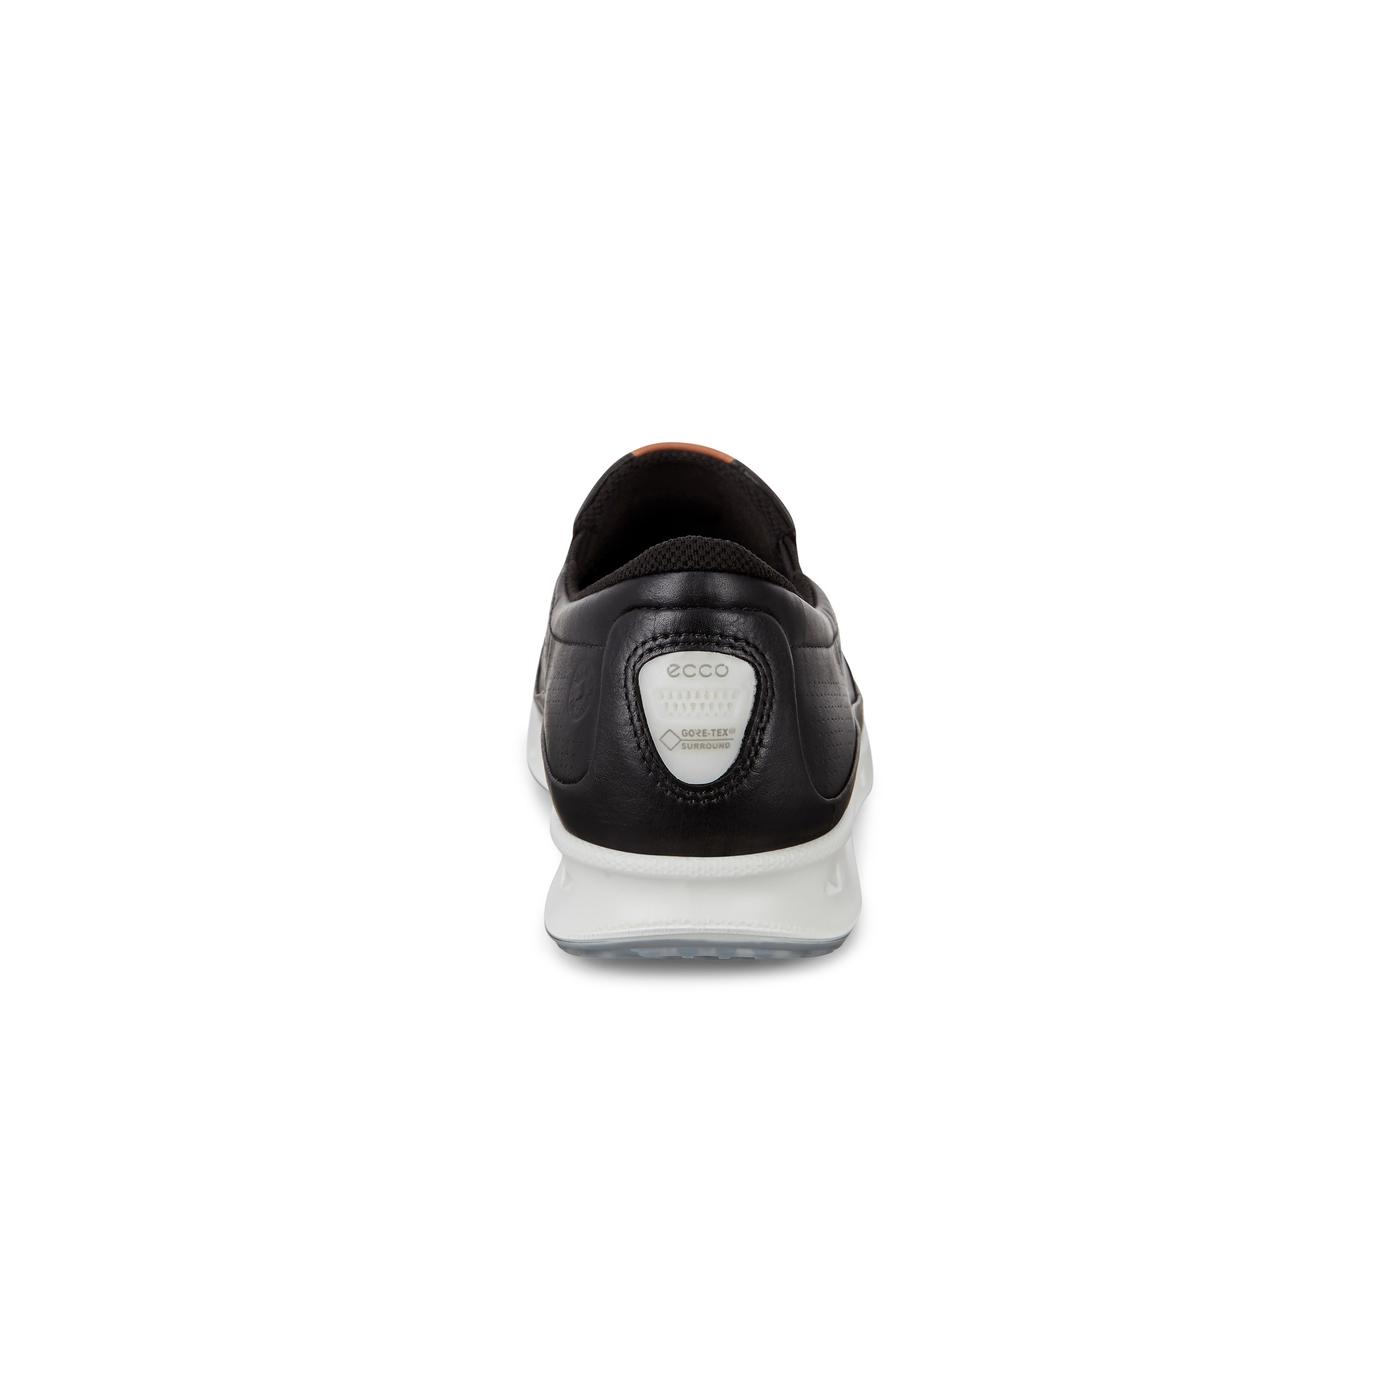 ECCO COOL MEN'S Sneaker